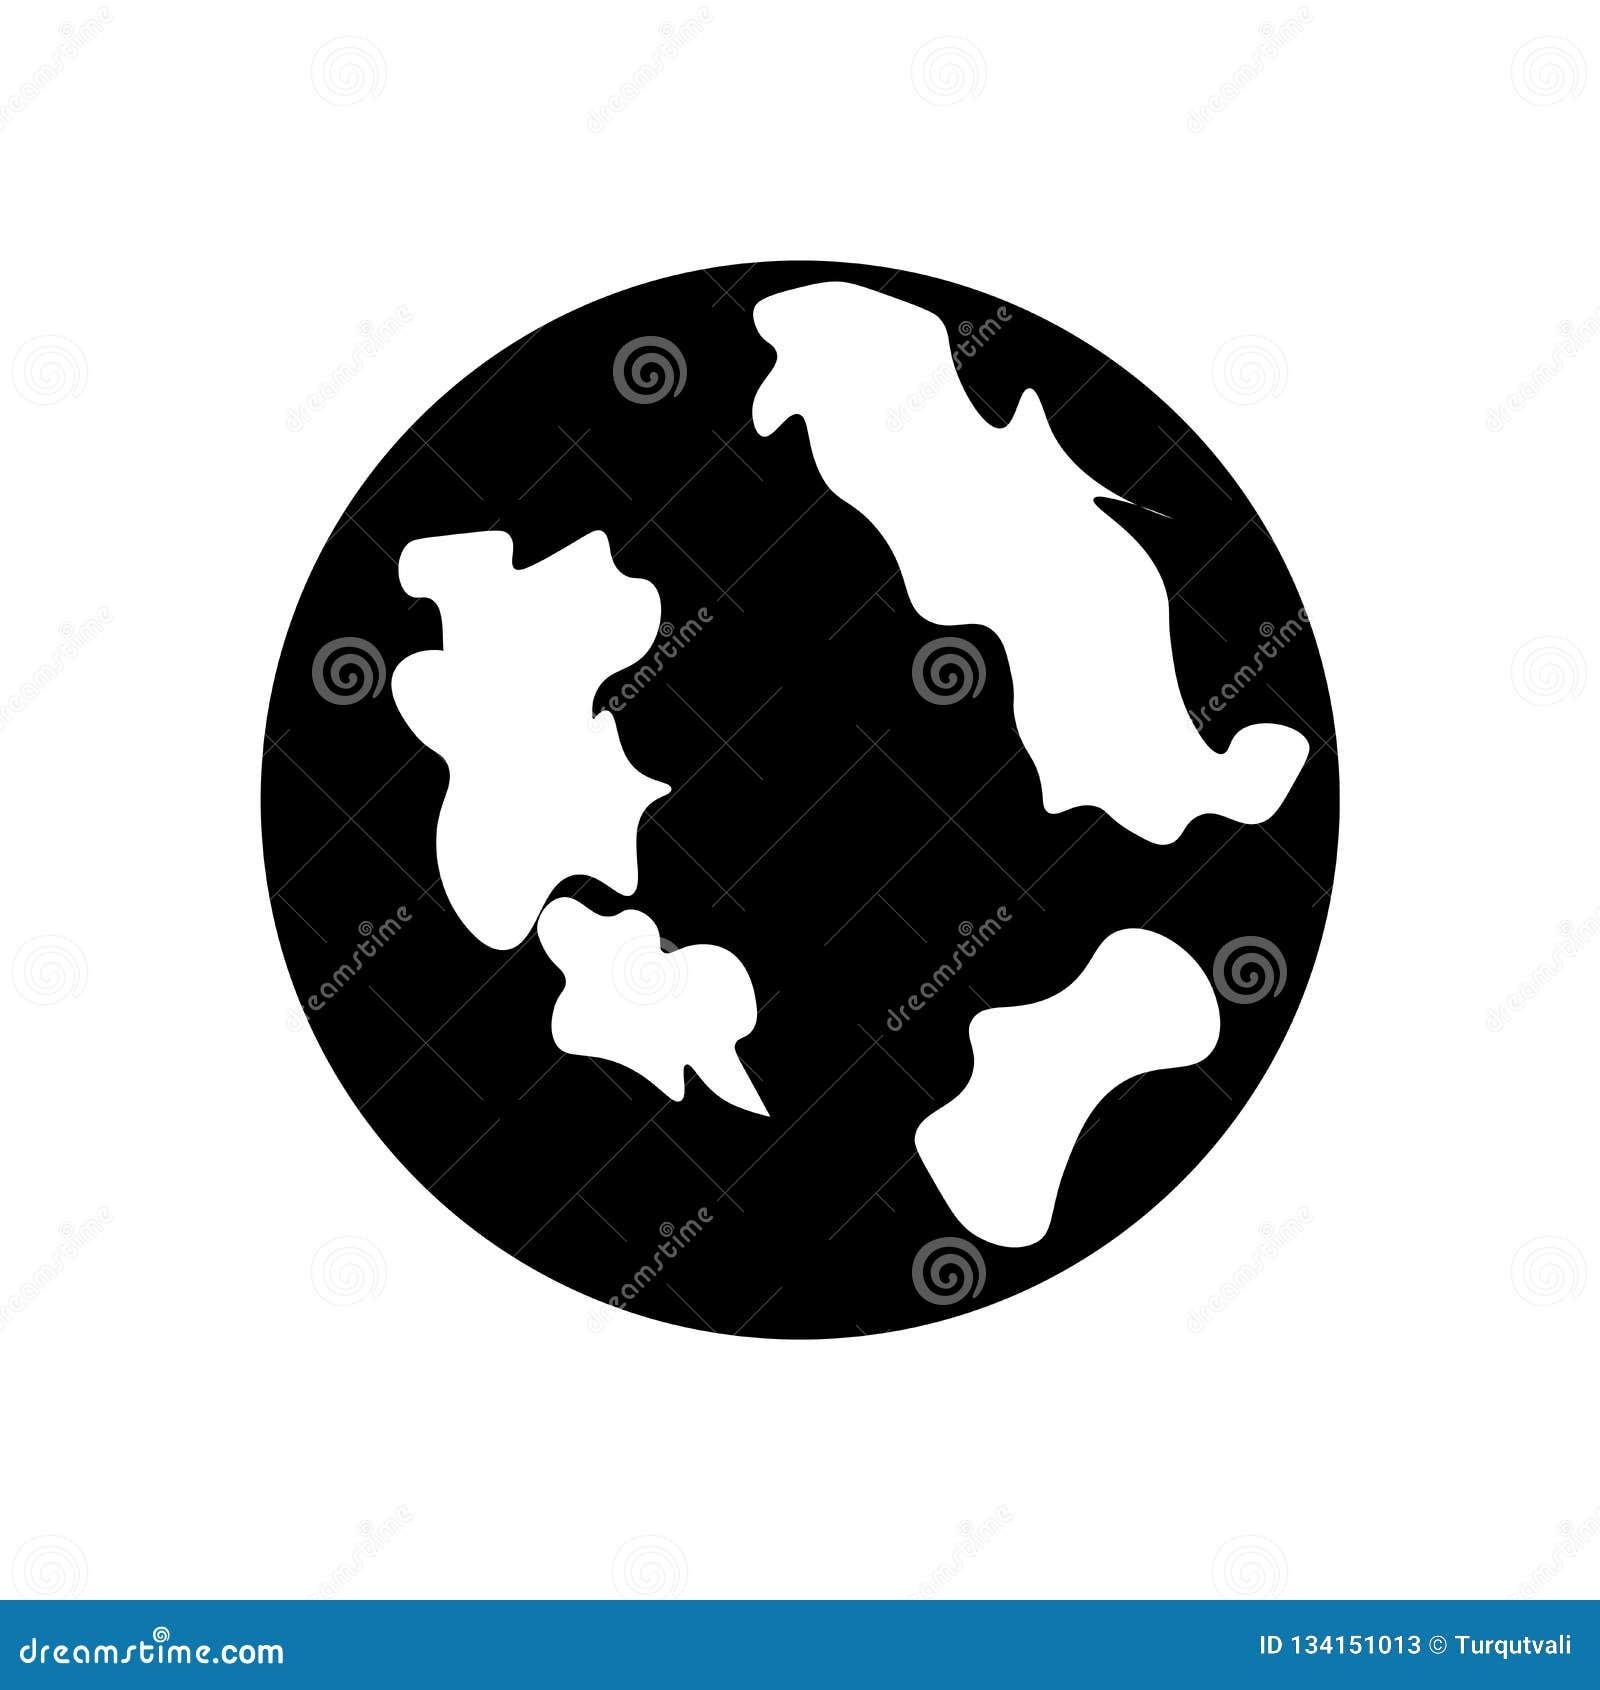 Διάνυσμα εικονιδίων σφαιρών που απομονώνεται στο άσπρο υπόβαθρο, σημάδι σφαιρών, μαύρα σύμβολα